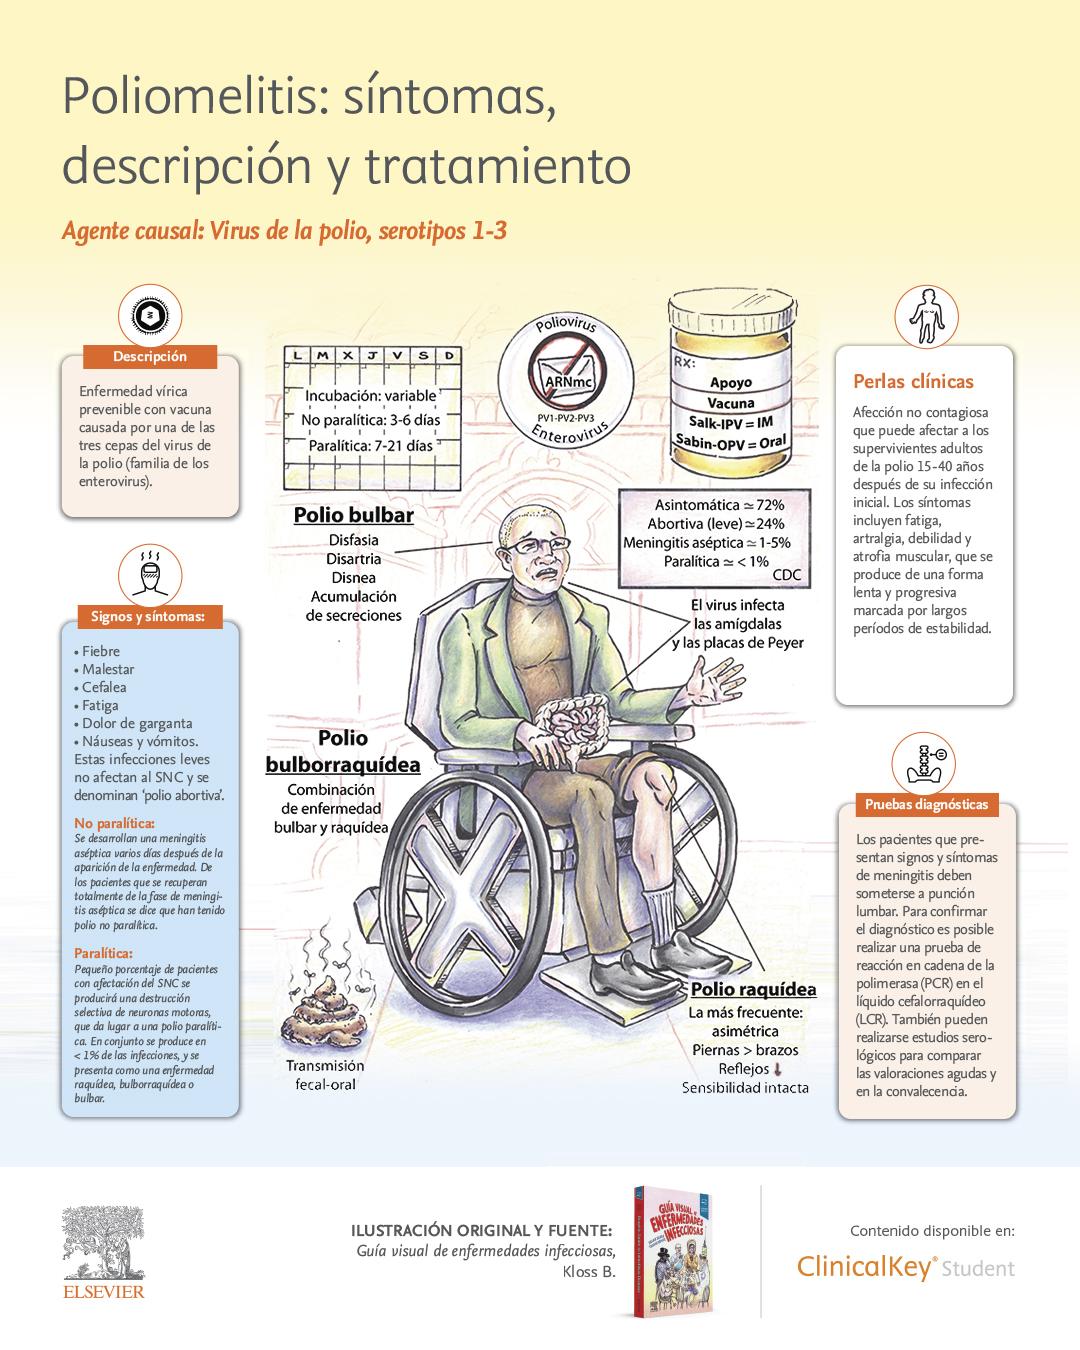 SLM_Info-Guia-visual-de-enfermedades-infecciosas_Poliomelitis.jpg